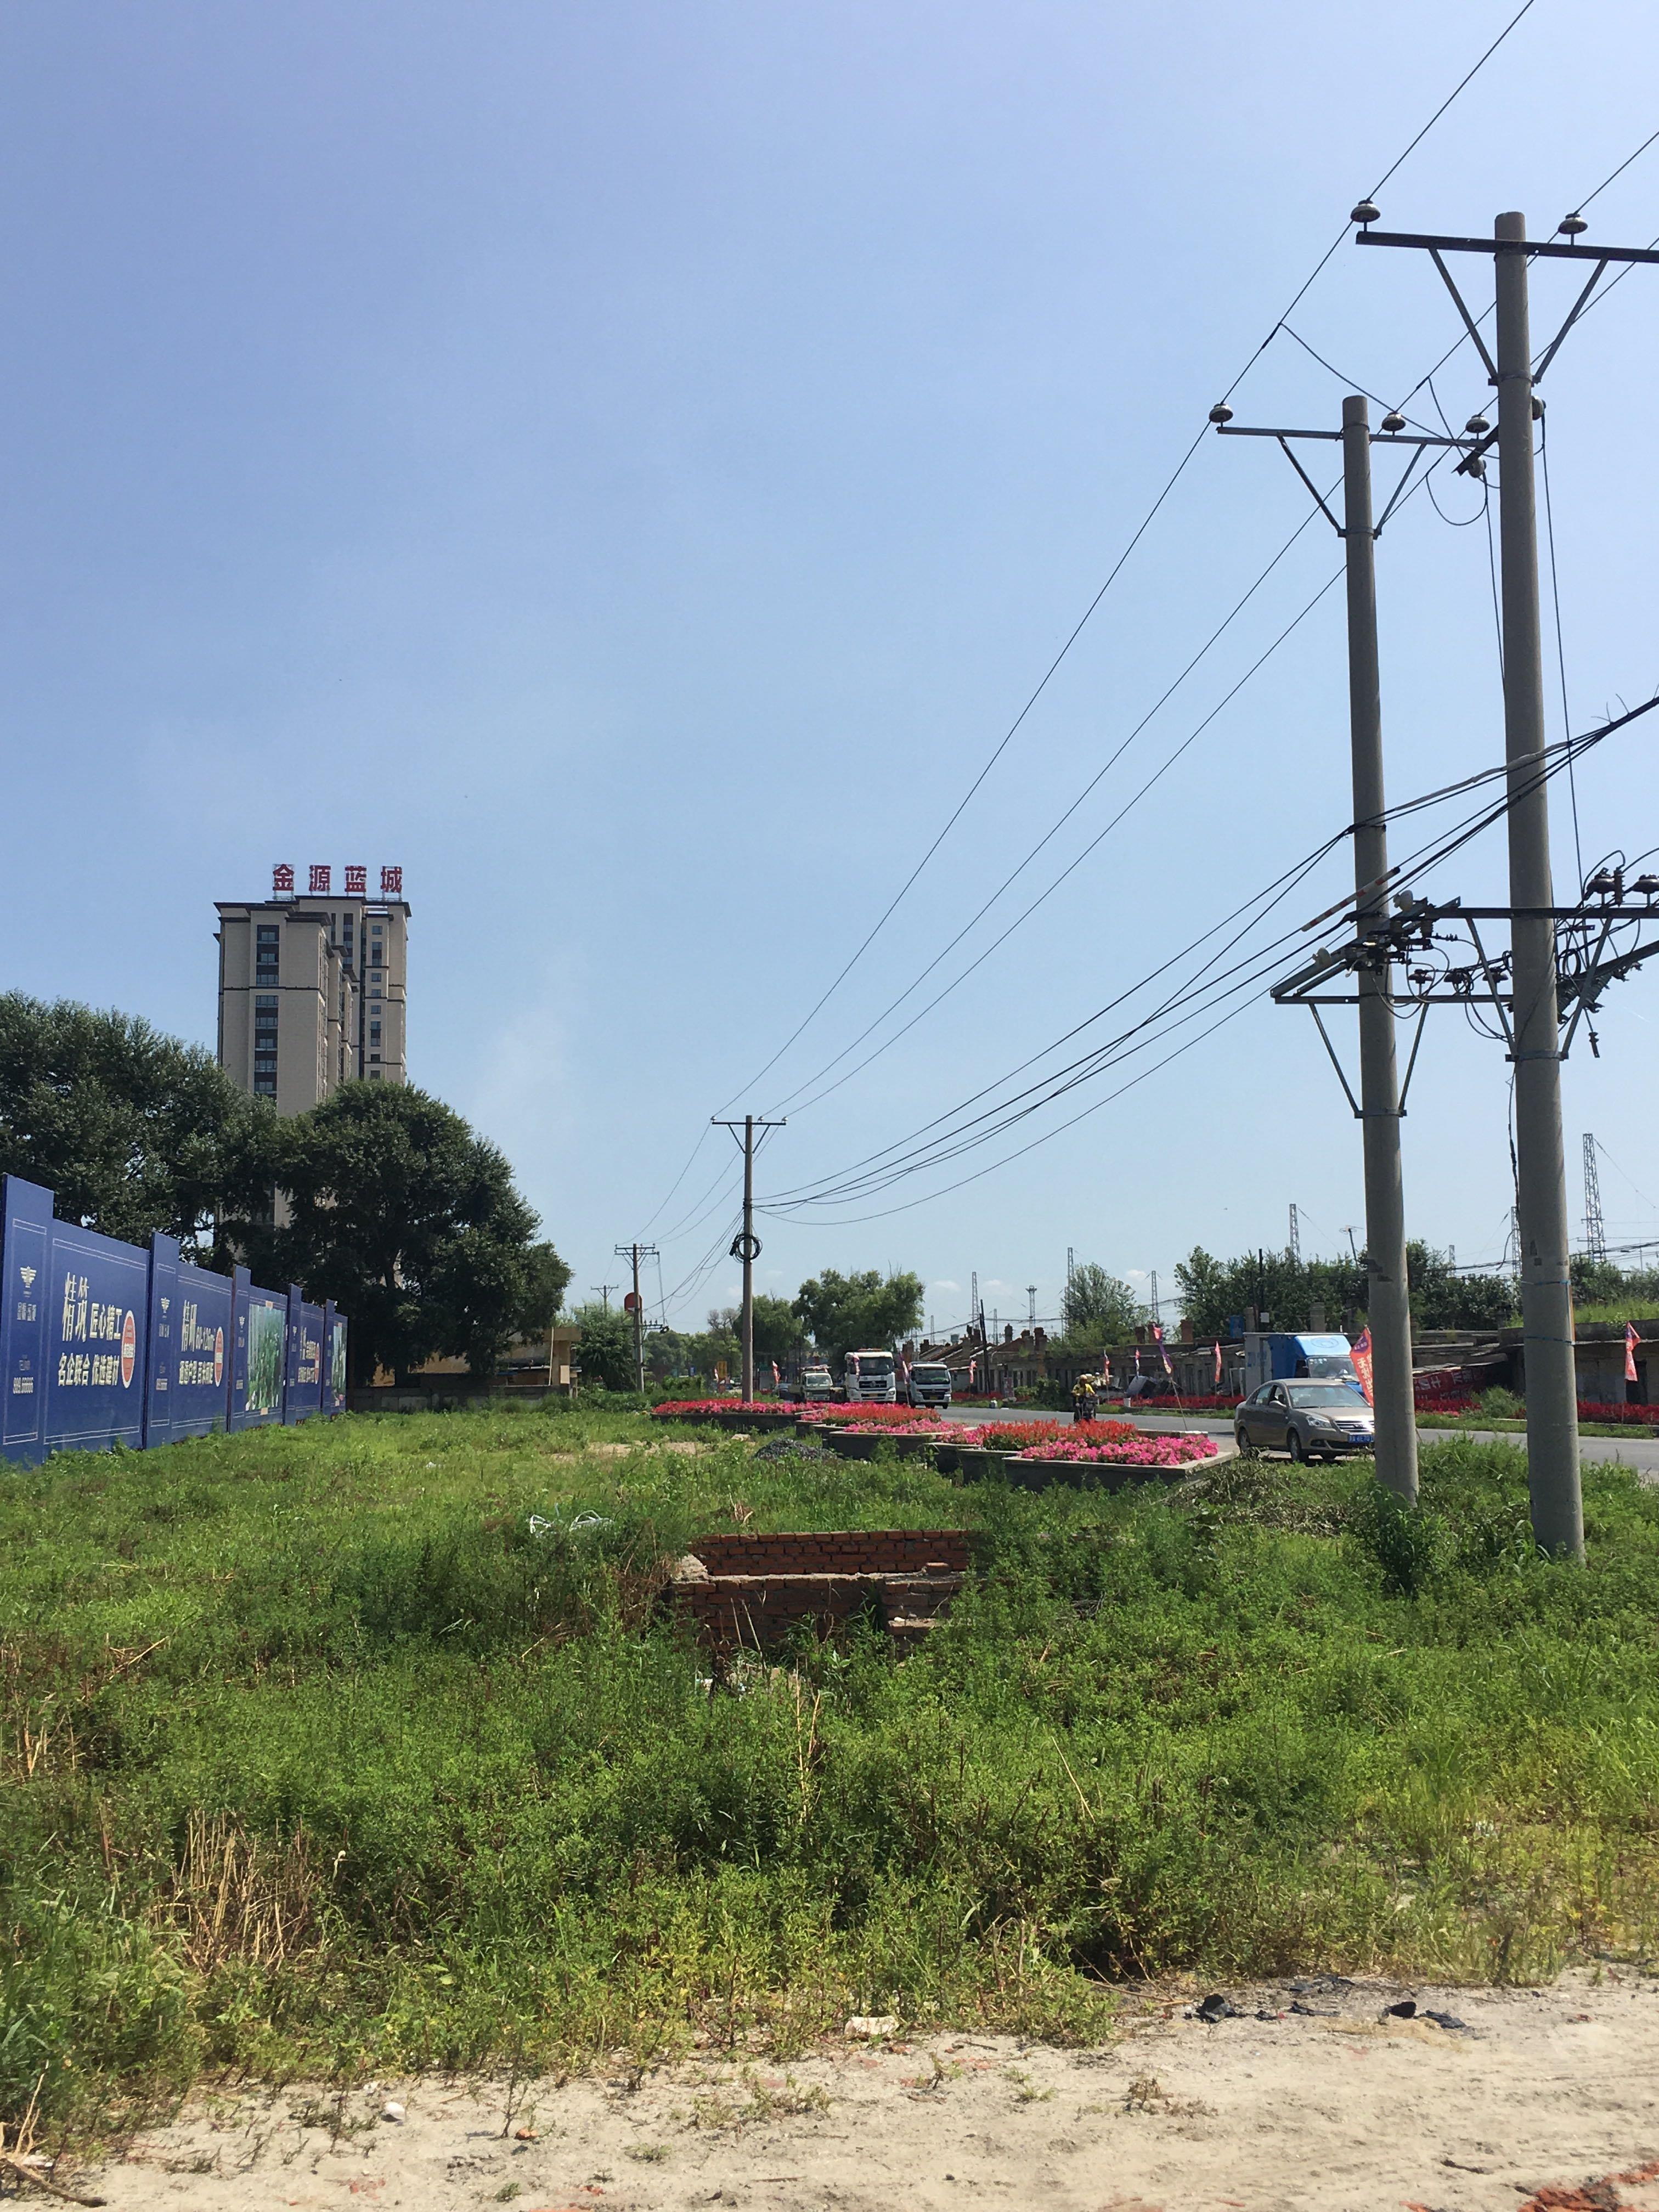 哈尔滨市香坊区煤管街1号天气预报